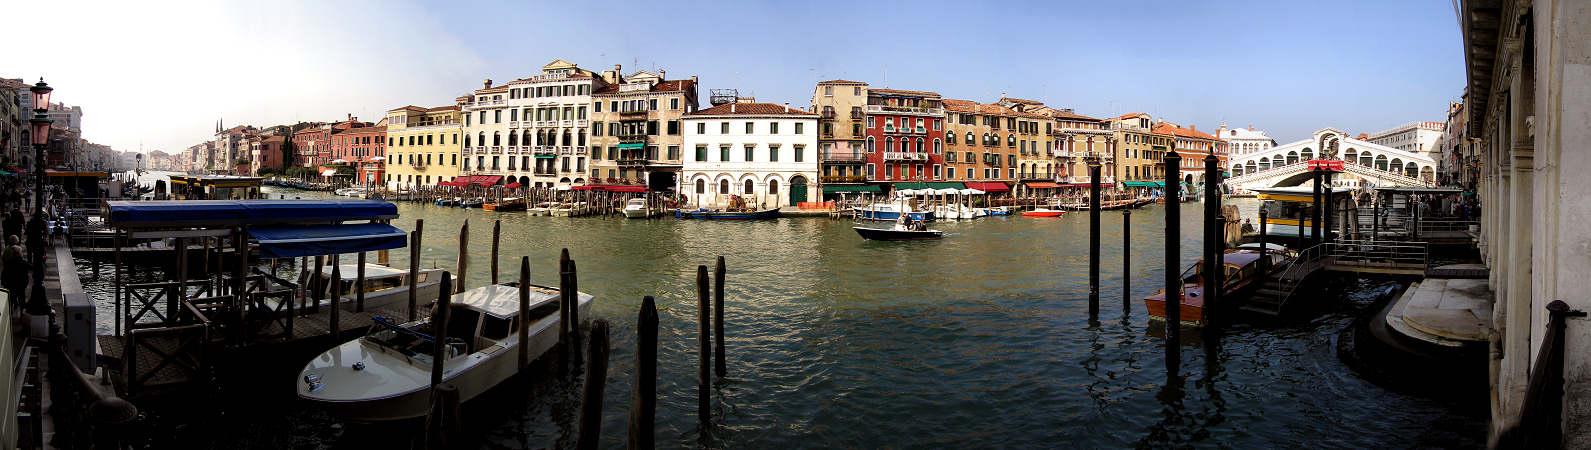 Foto panoramica di venezia